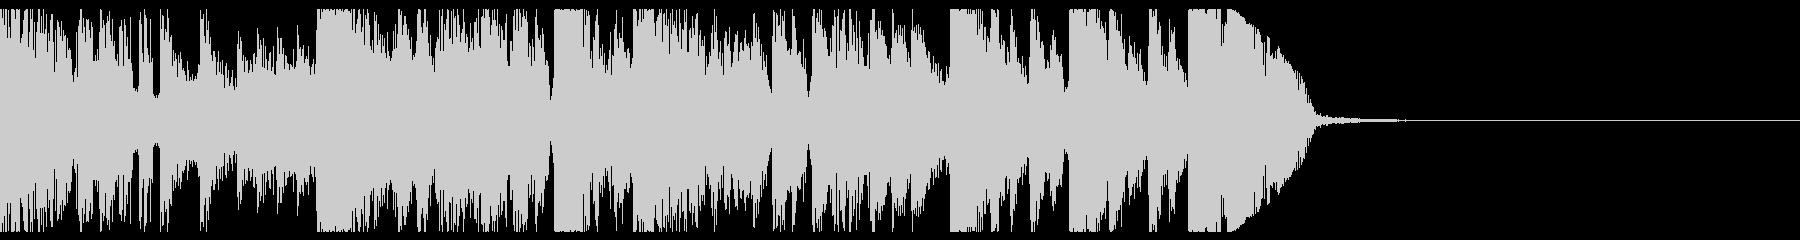 ブレイクビーツなファンファーレの未再生の波形